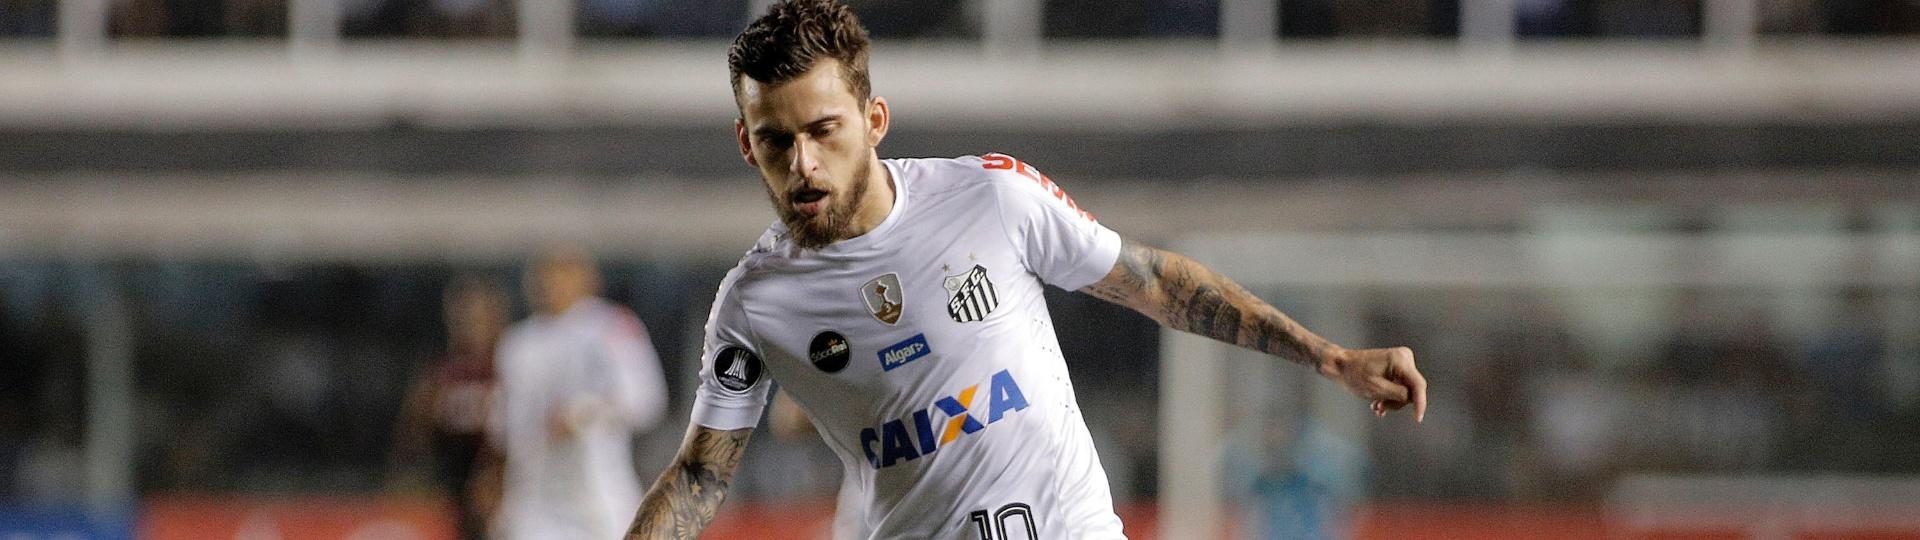 O meia Lucas Lima, do Santos, atua em jogo contra o Atlético-PR pela Copa Libertadores